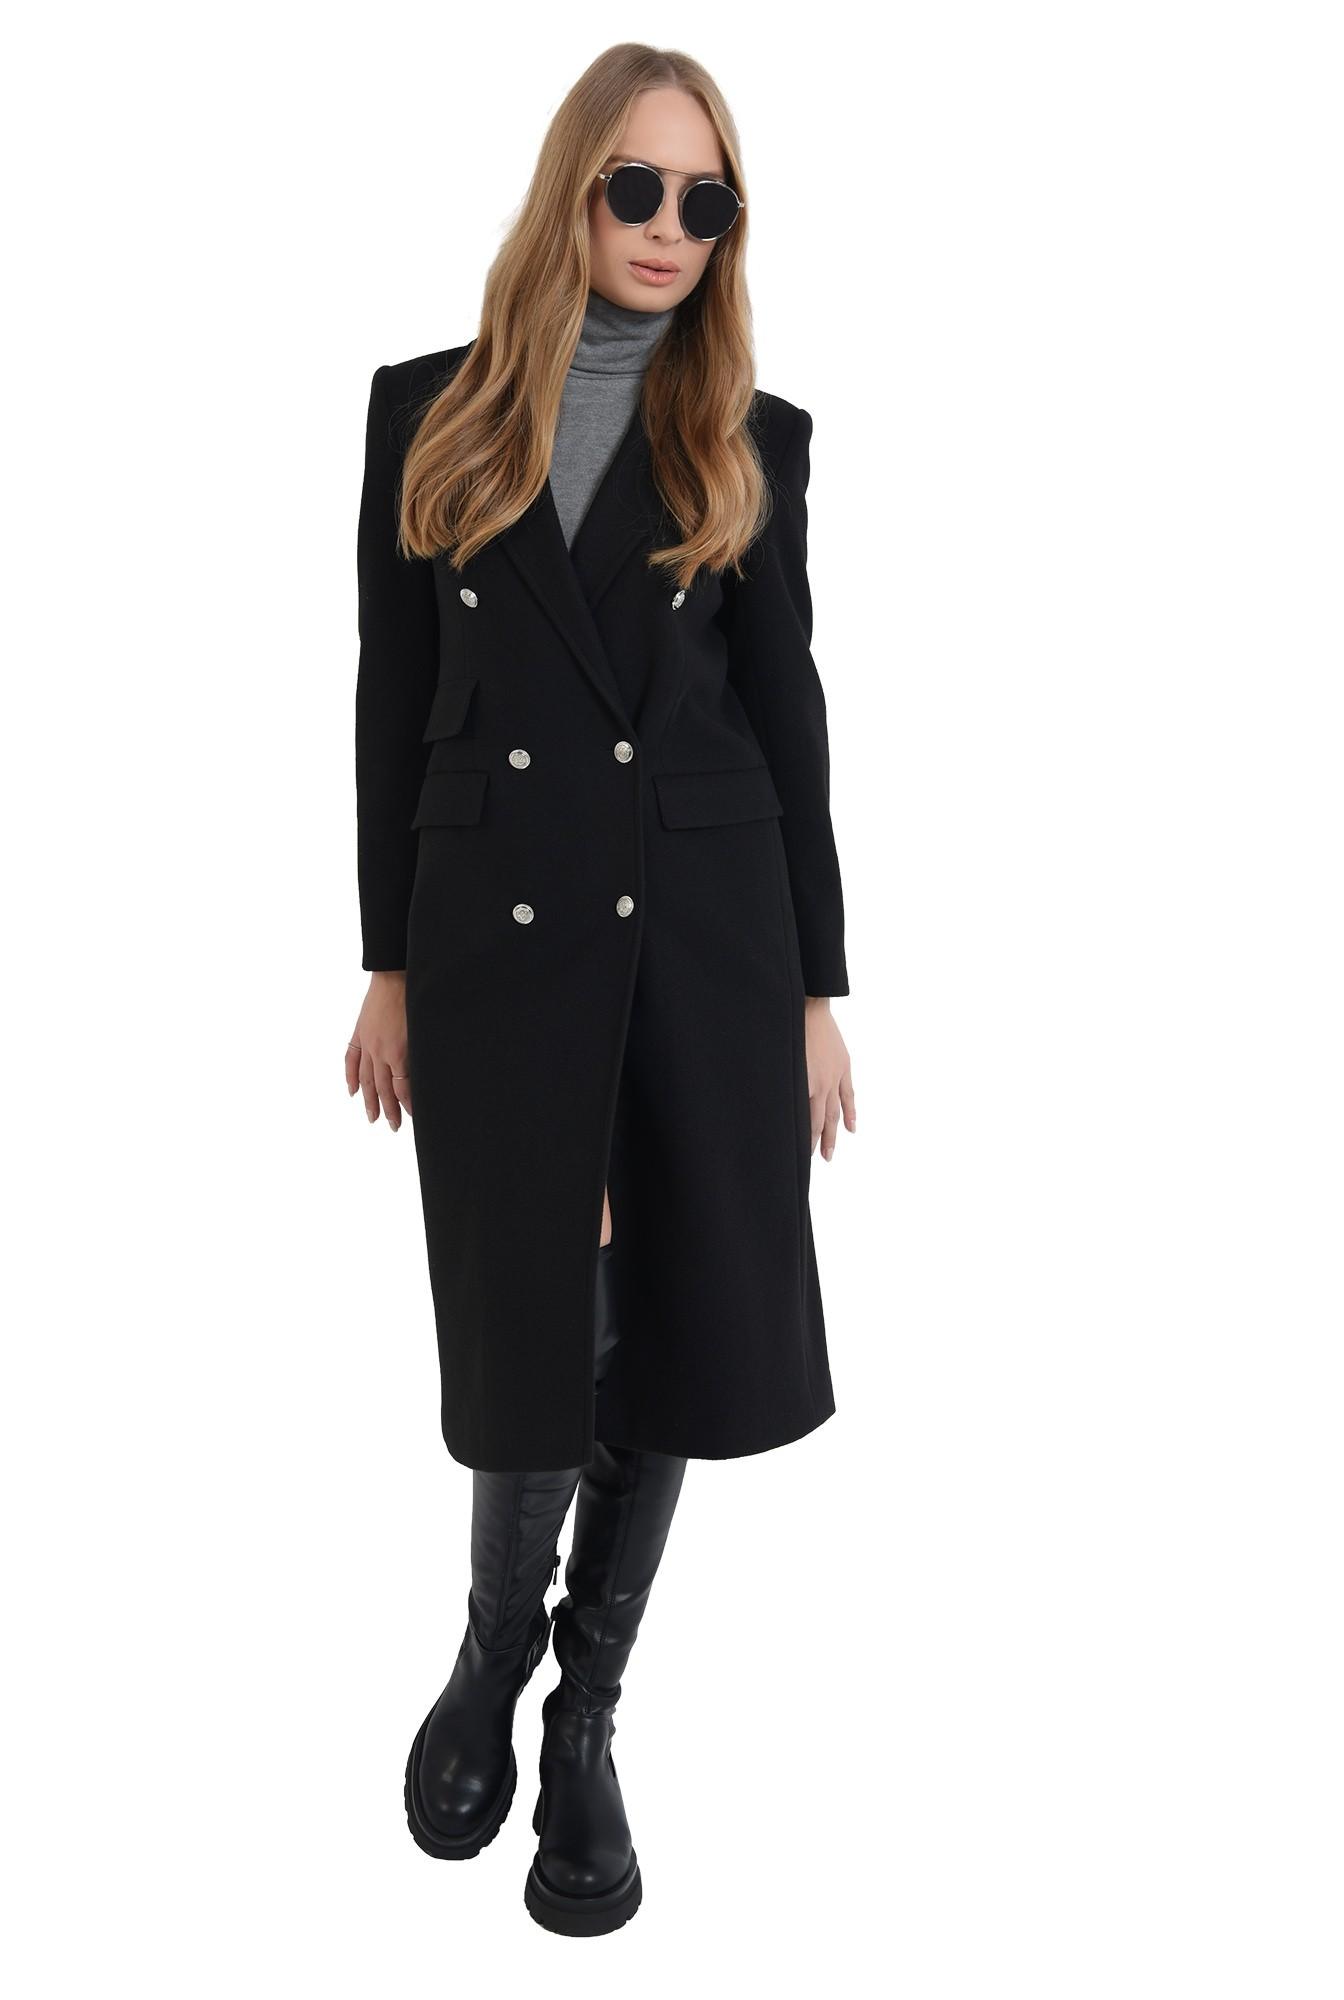 3 - palton negru, midi, cu revere